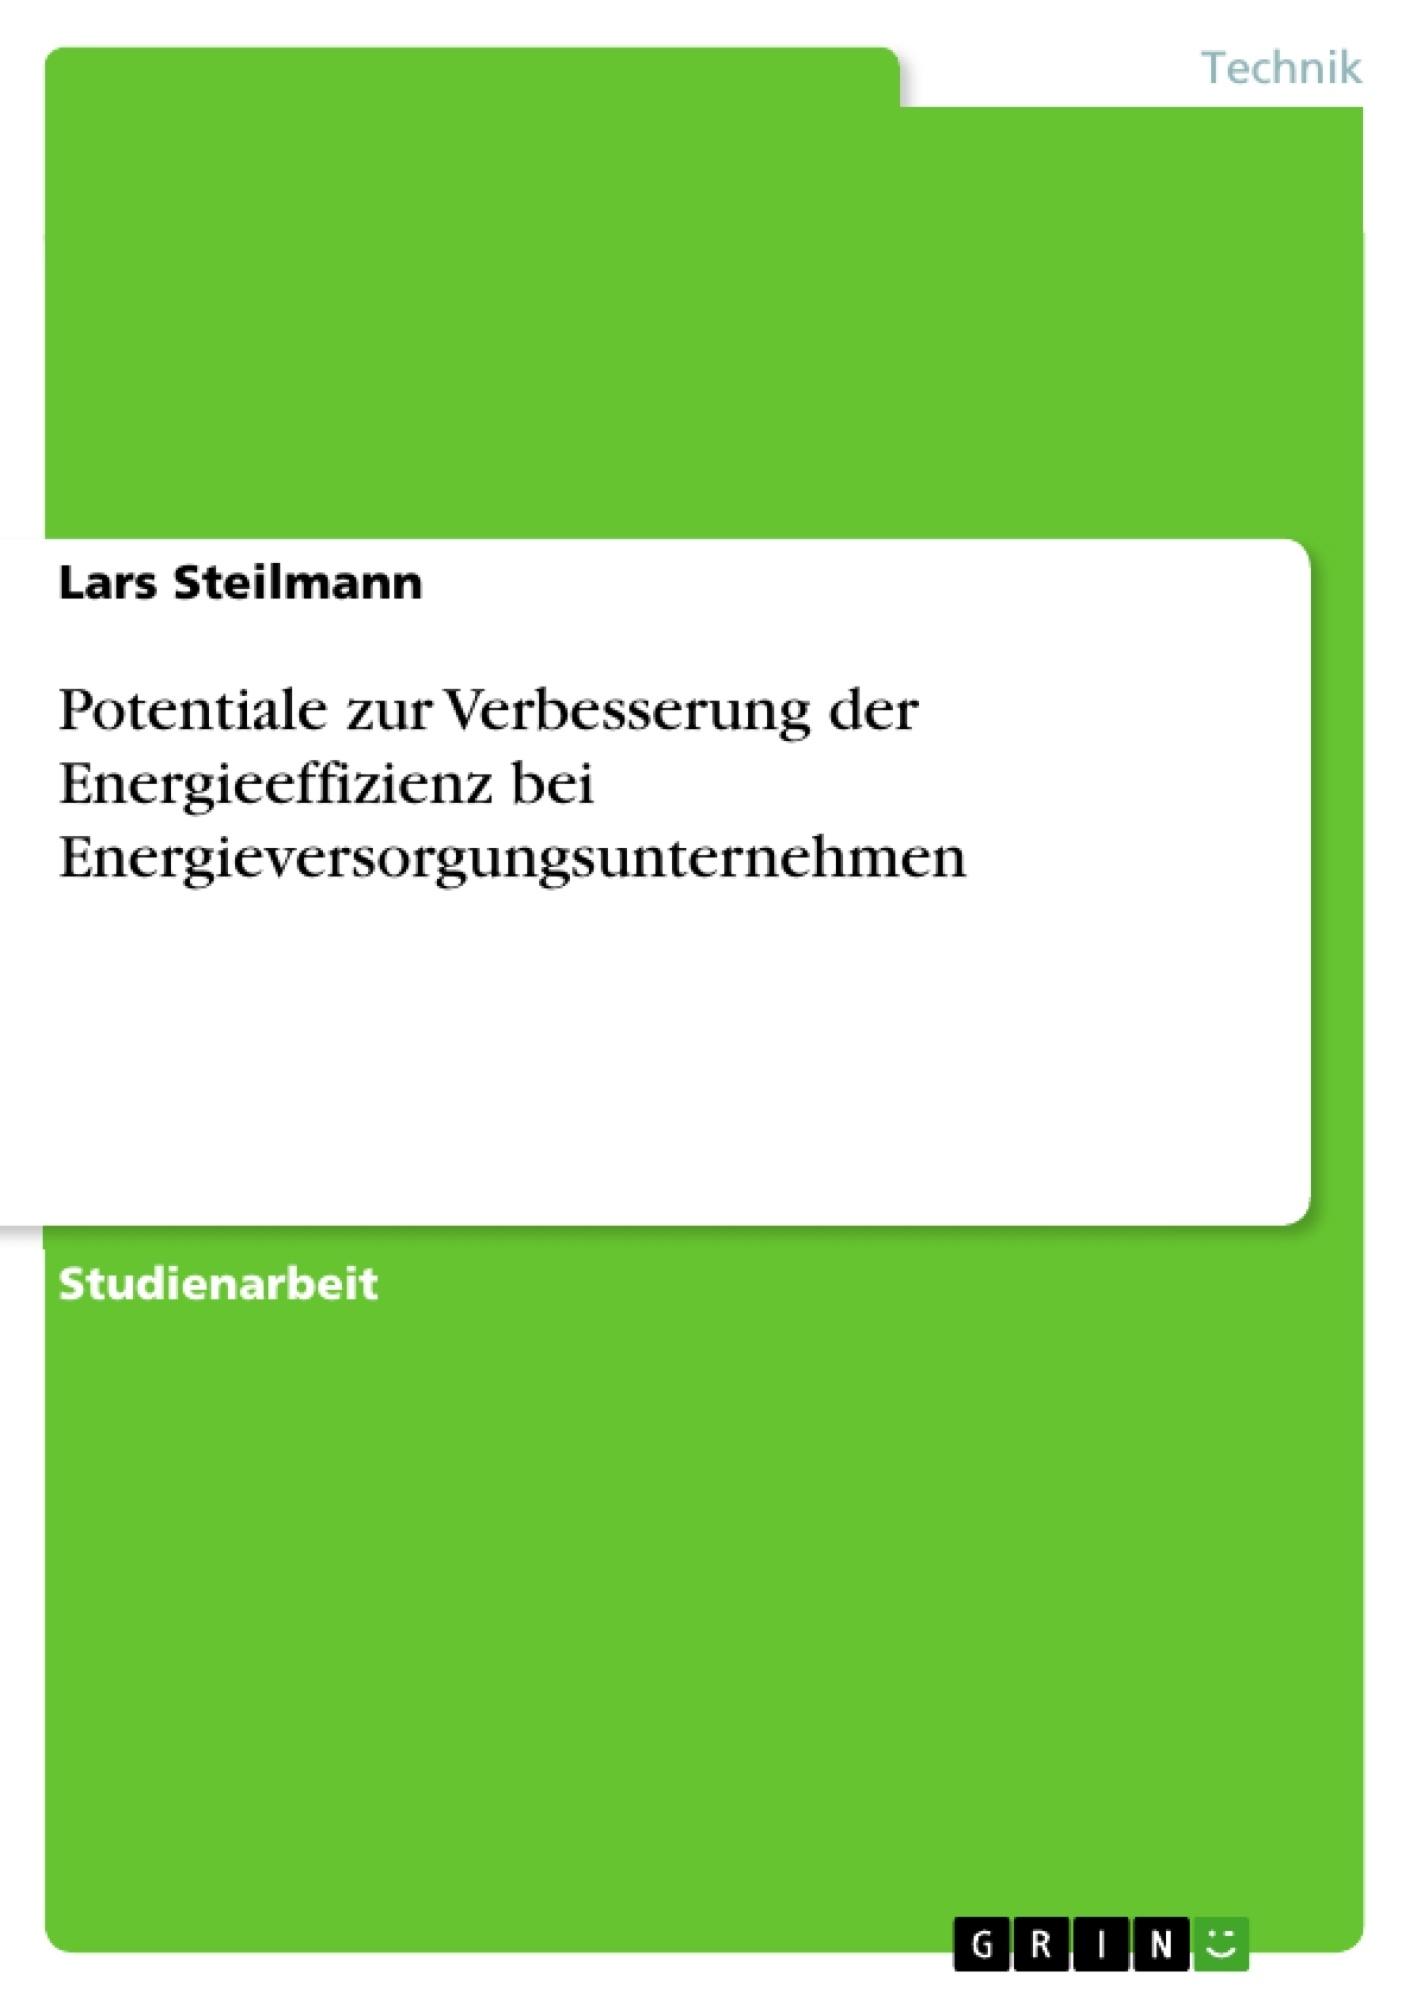 Titel: Potentiale zur Verbesserung der Energieeffizienz bei Energieversorgungsunternehmen